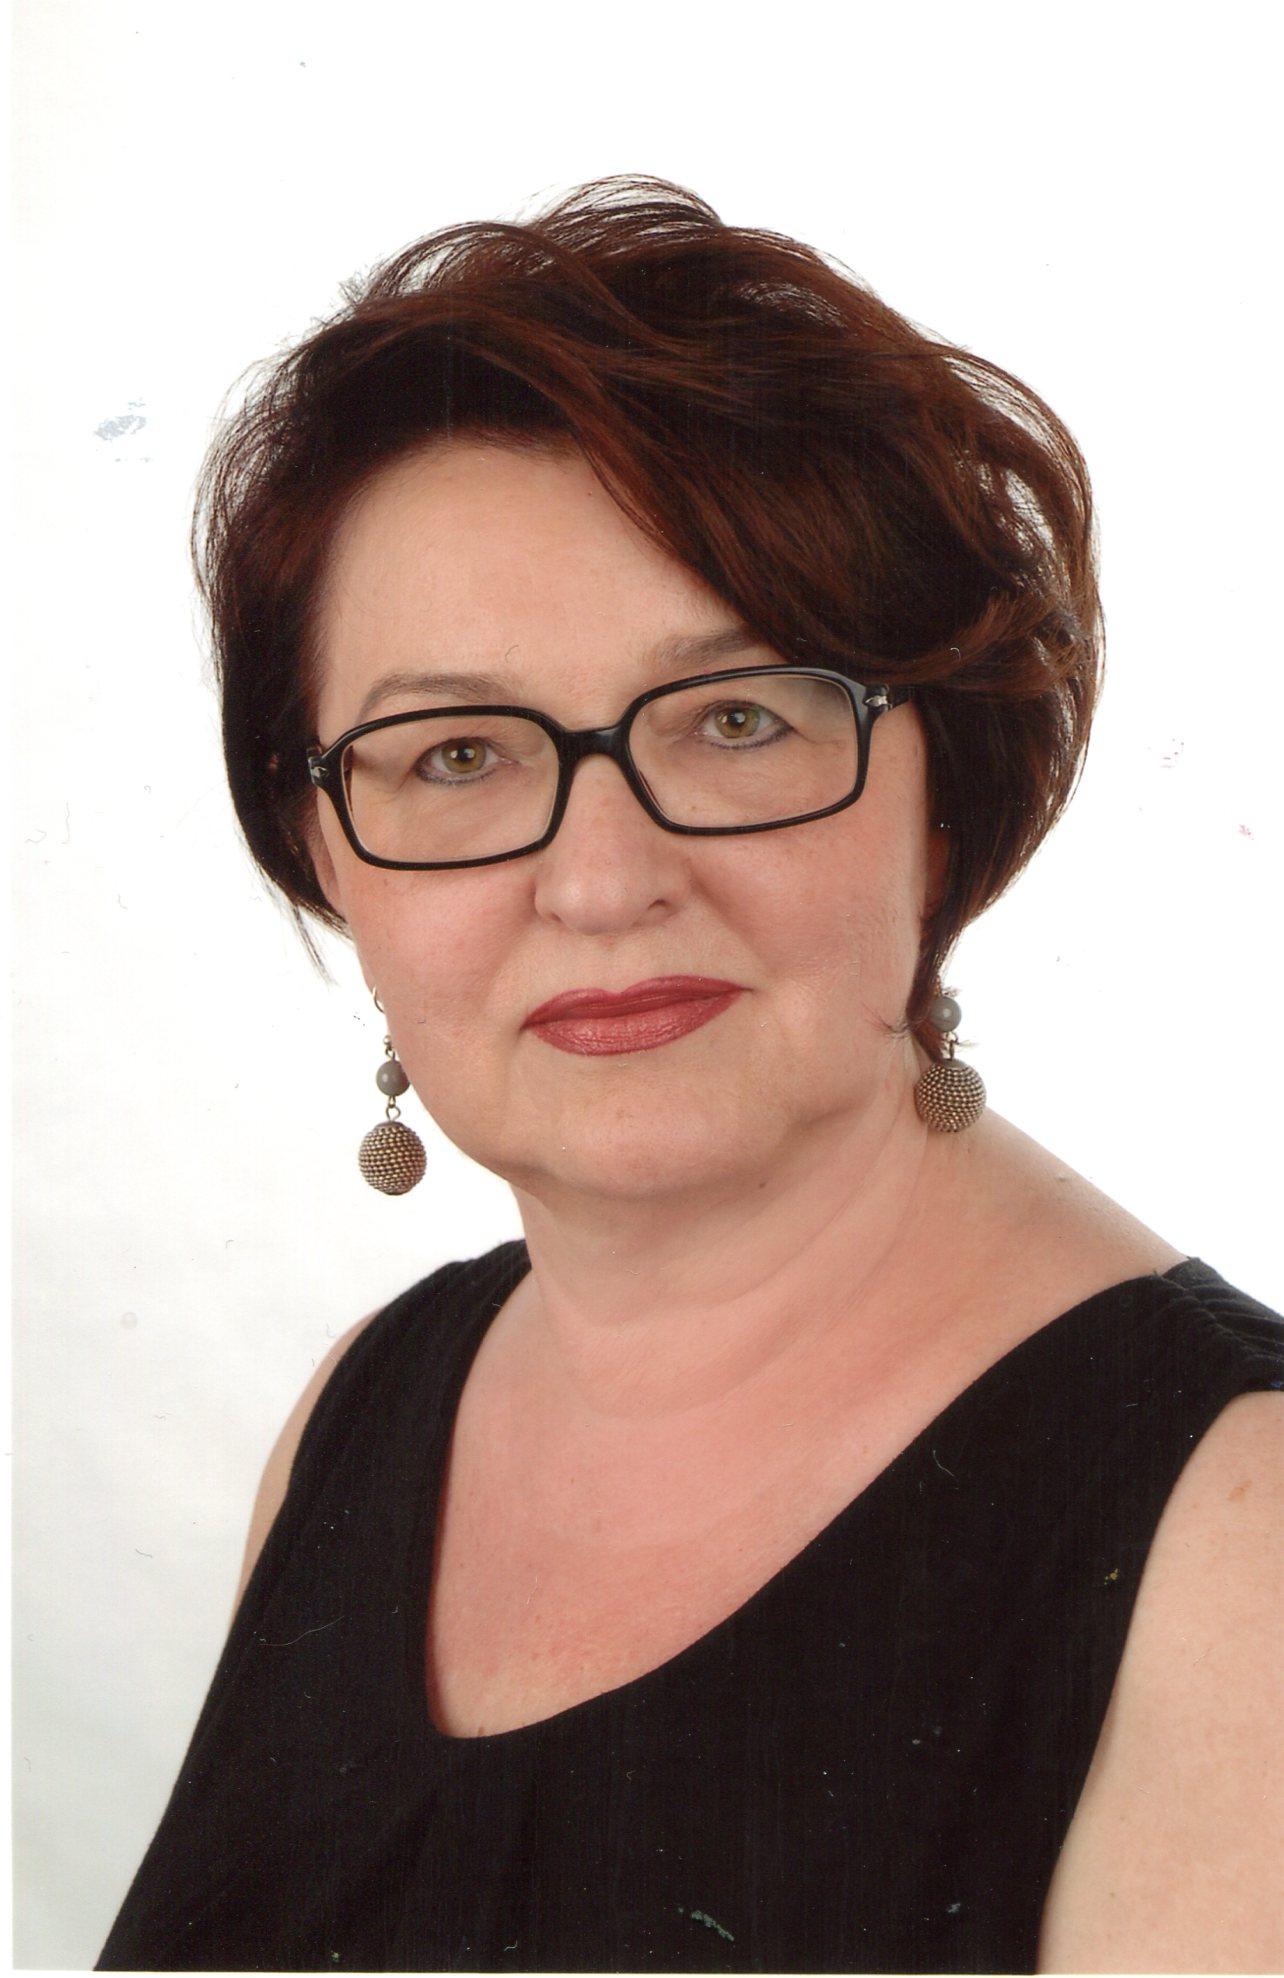 prof. Alicja Bujakiewicz-Krześniak